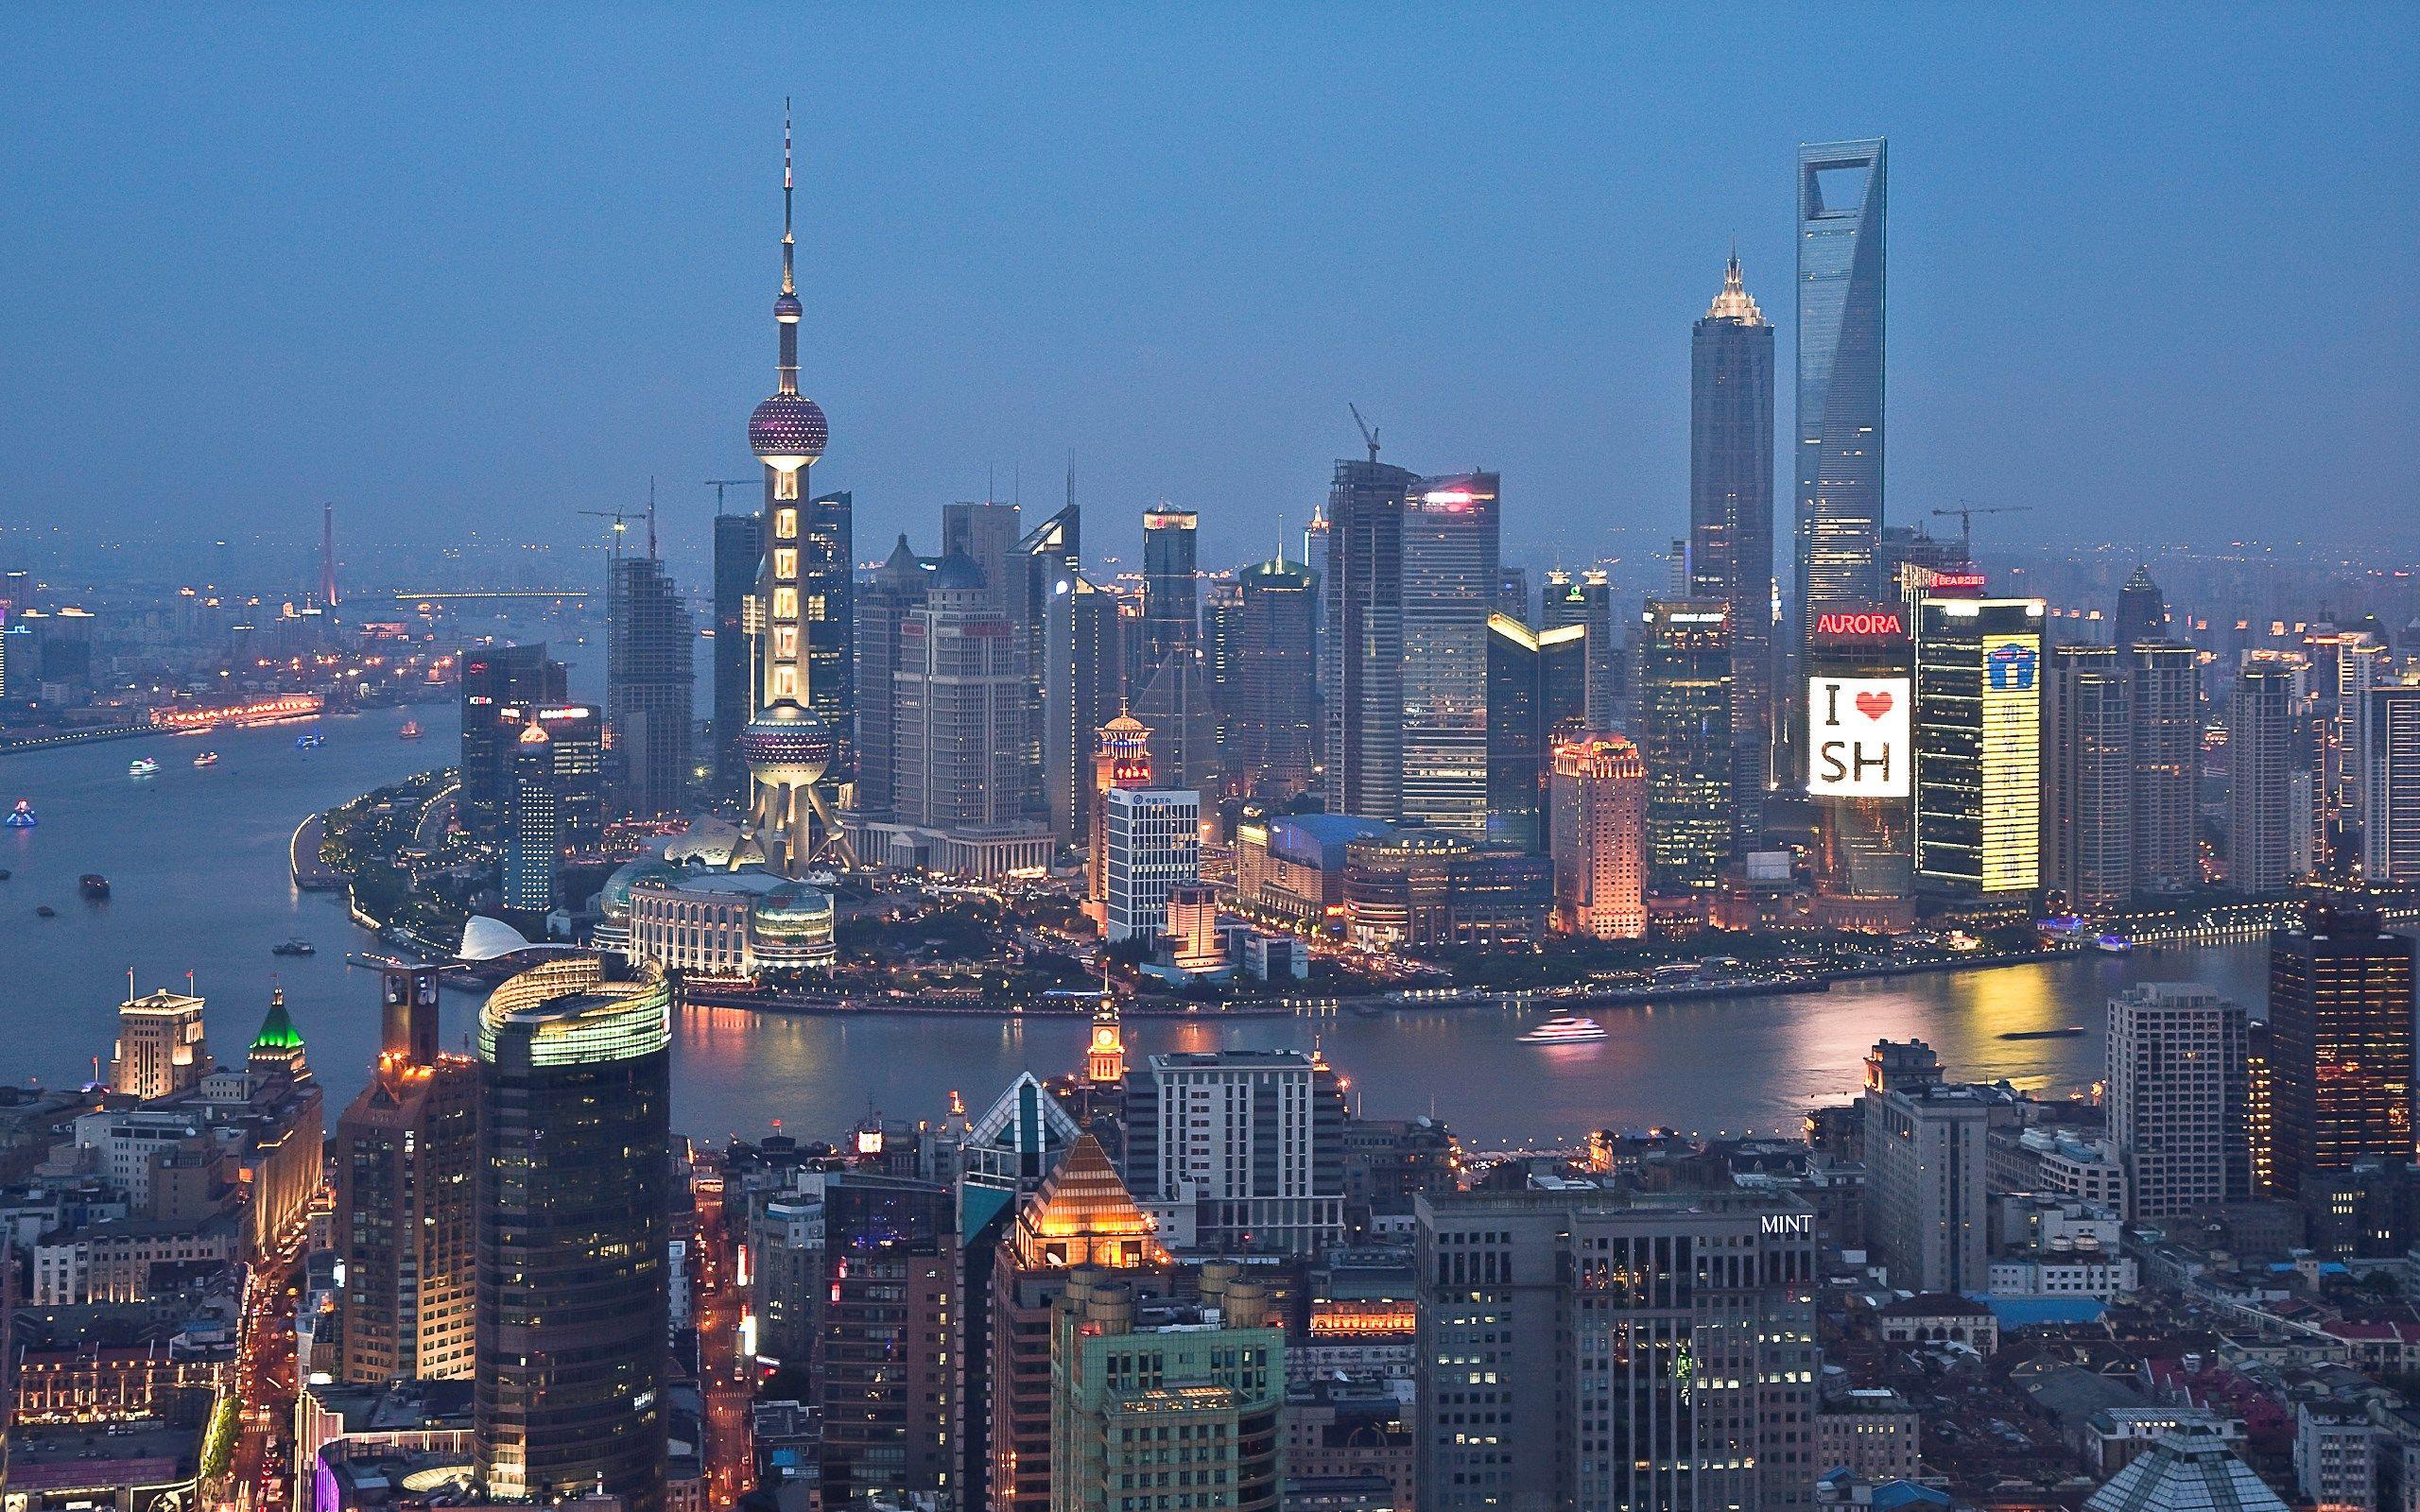 2560x1600 High Resolution Wallpaper Shanghai Shanghai Skyline Visit Shanghai Skyline